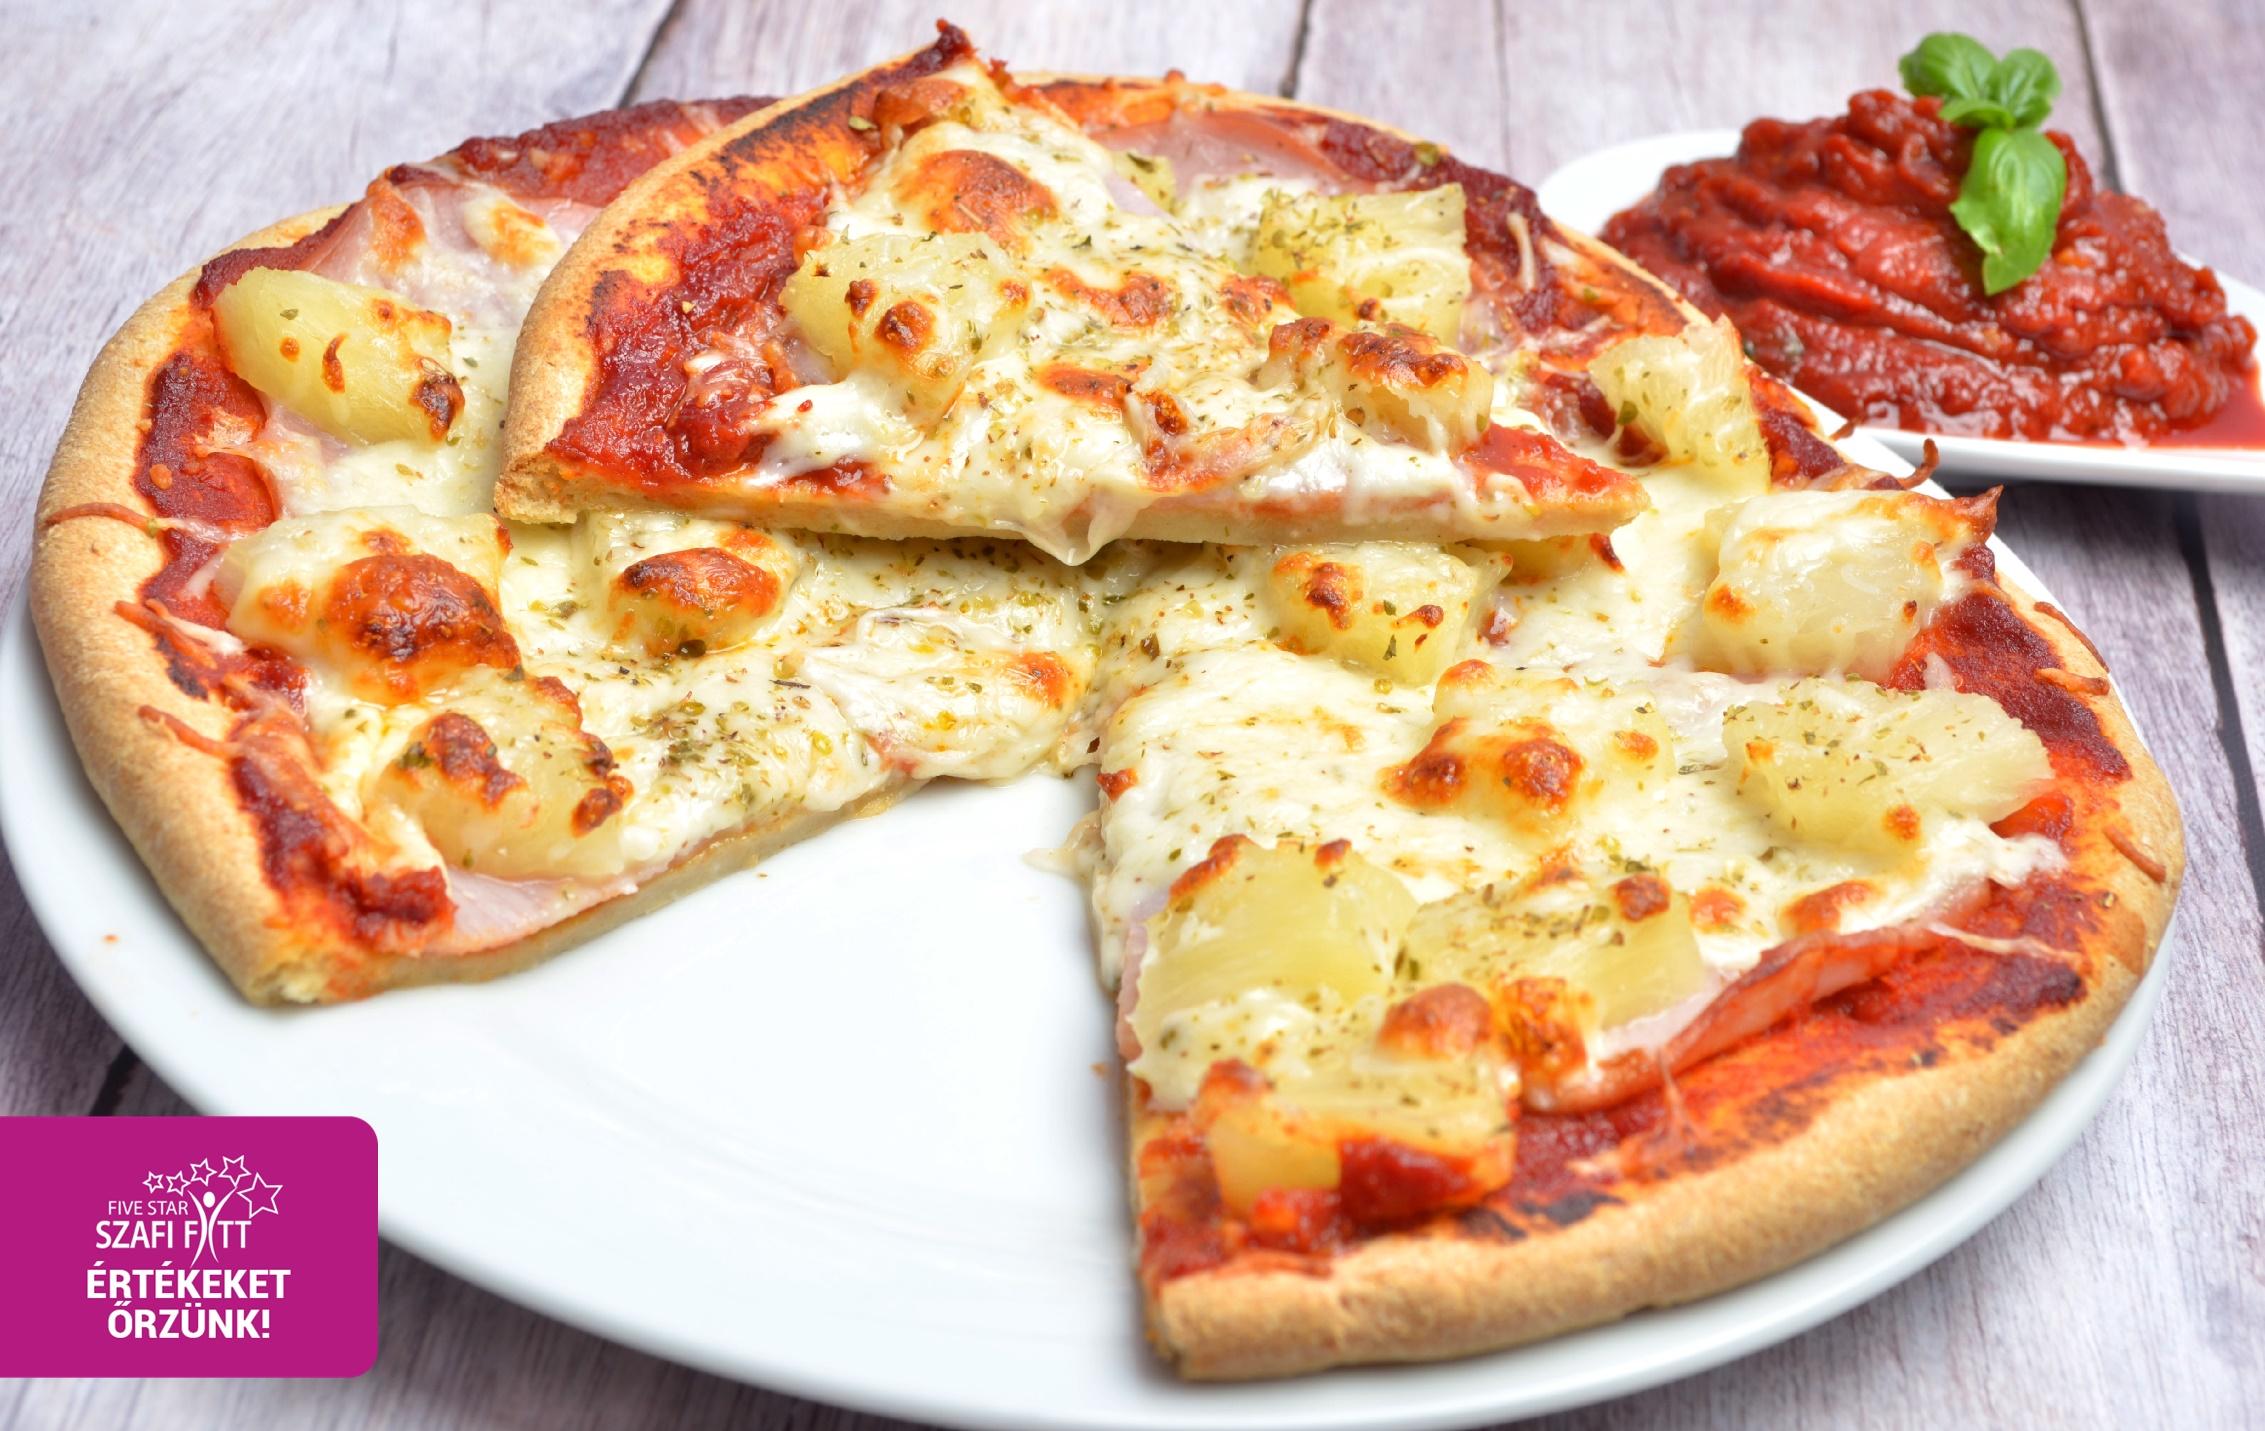 Szénhidrát-csökkentett gluténmentes paleo pizza